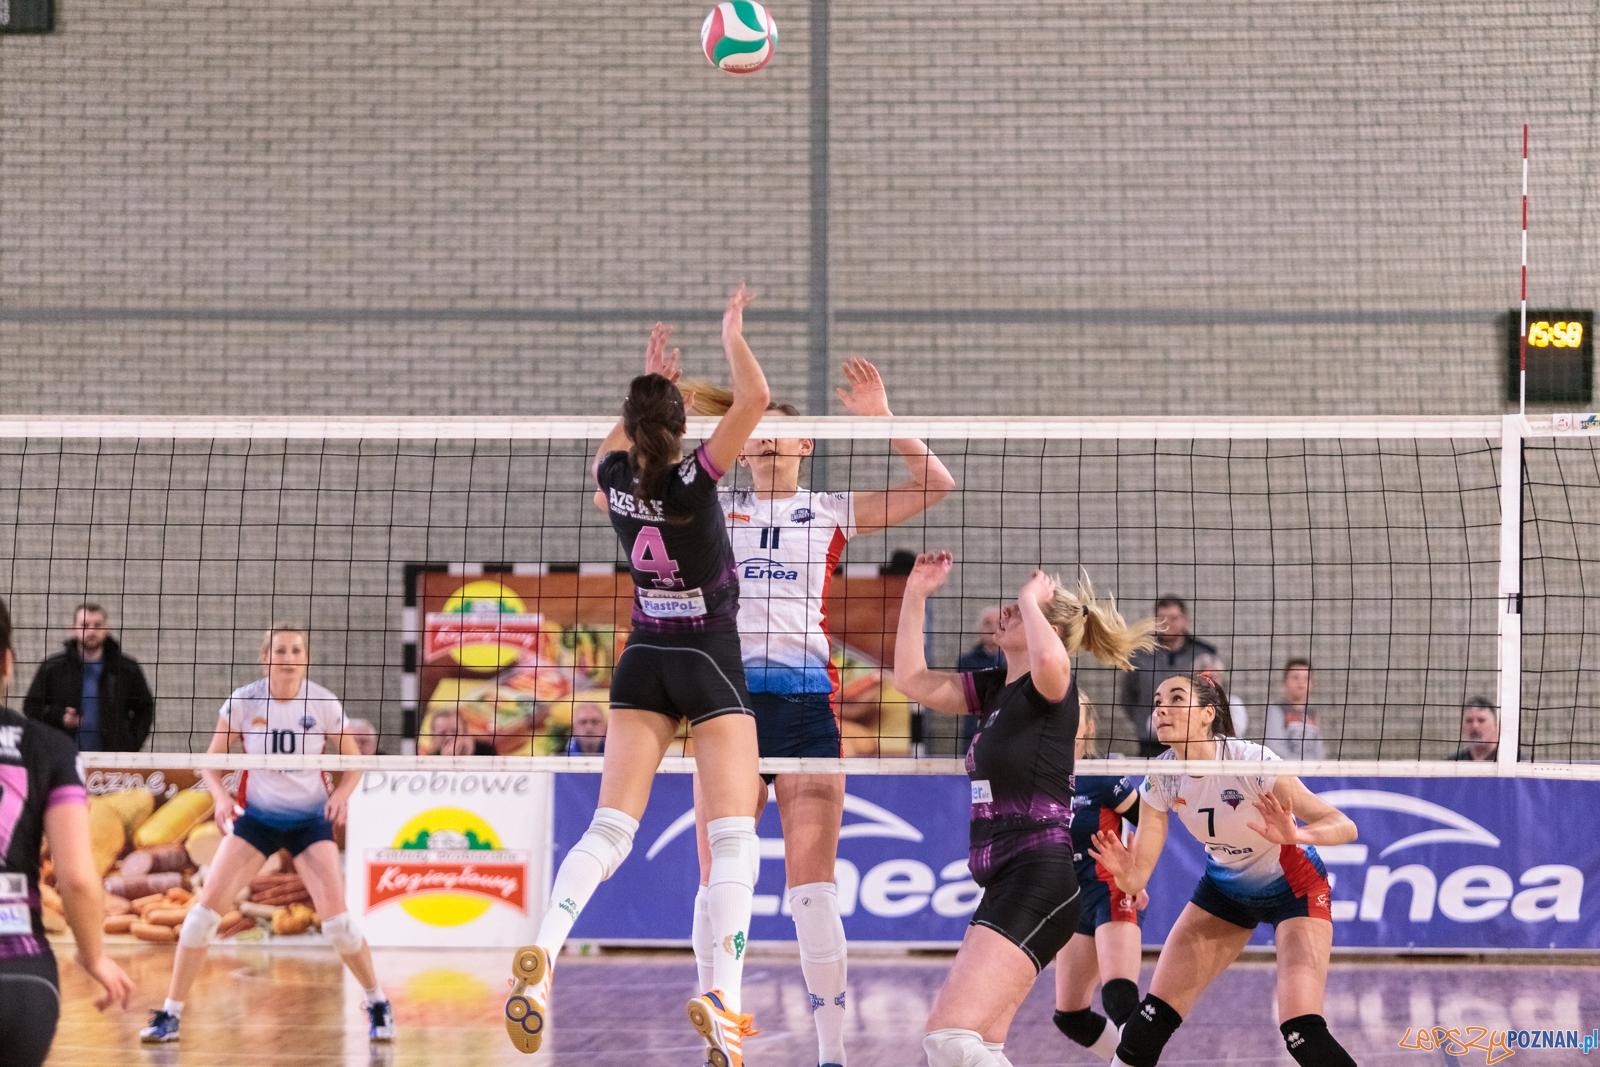 1 liga siatkówki: Enea Energetyk Poznań - AZS AWF Warszawa 3:1  Foto: LepszyPOZNAN.pl / Paweł Rychter